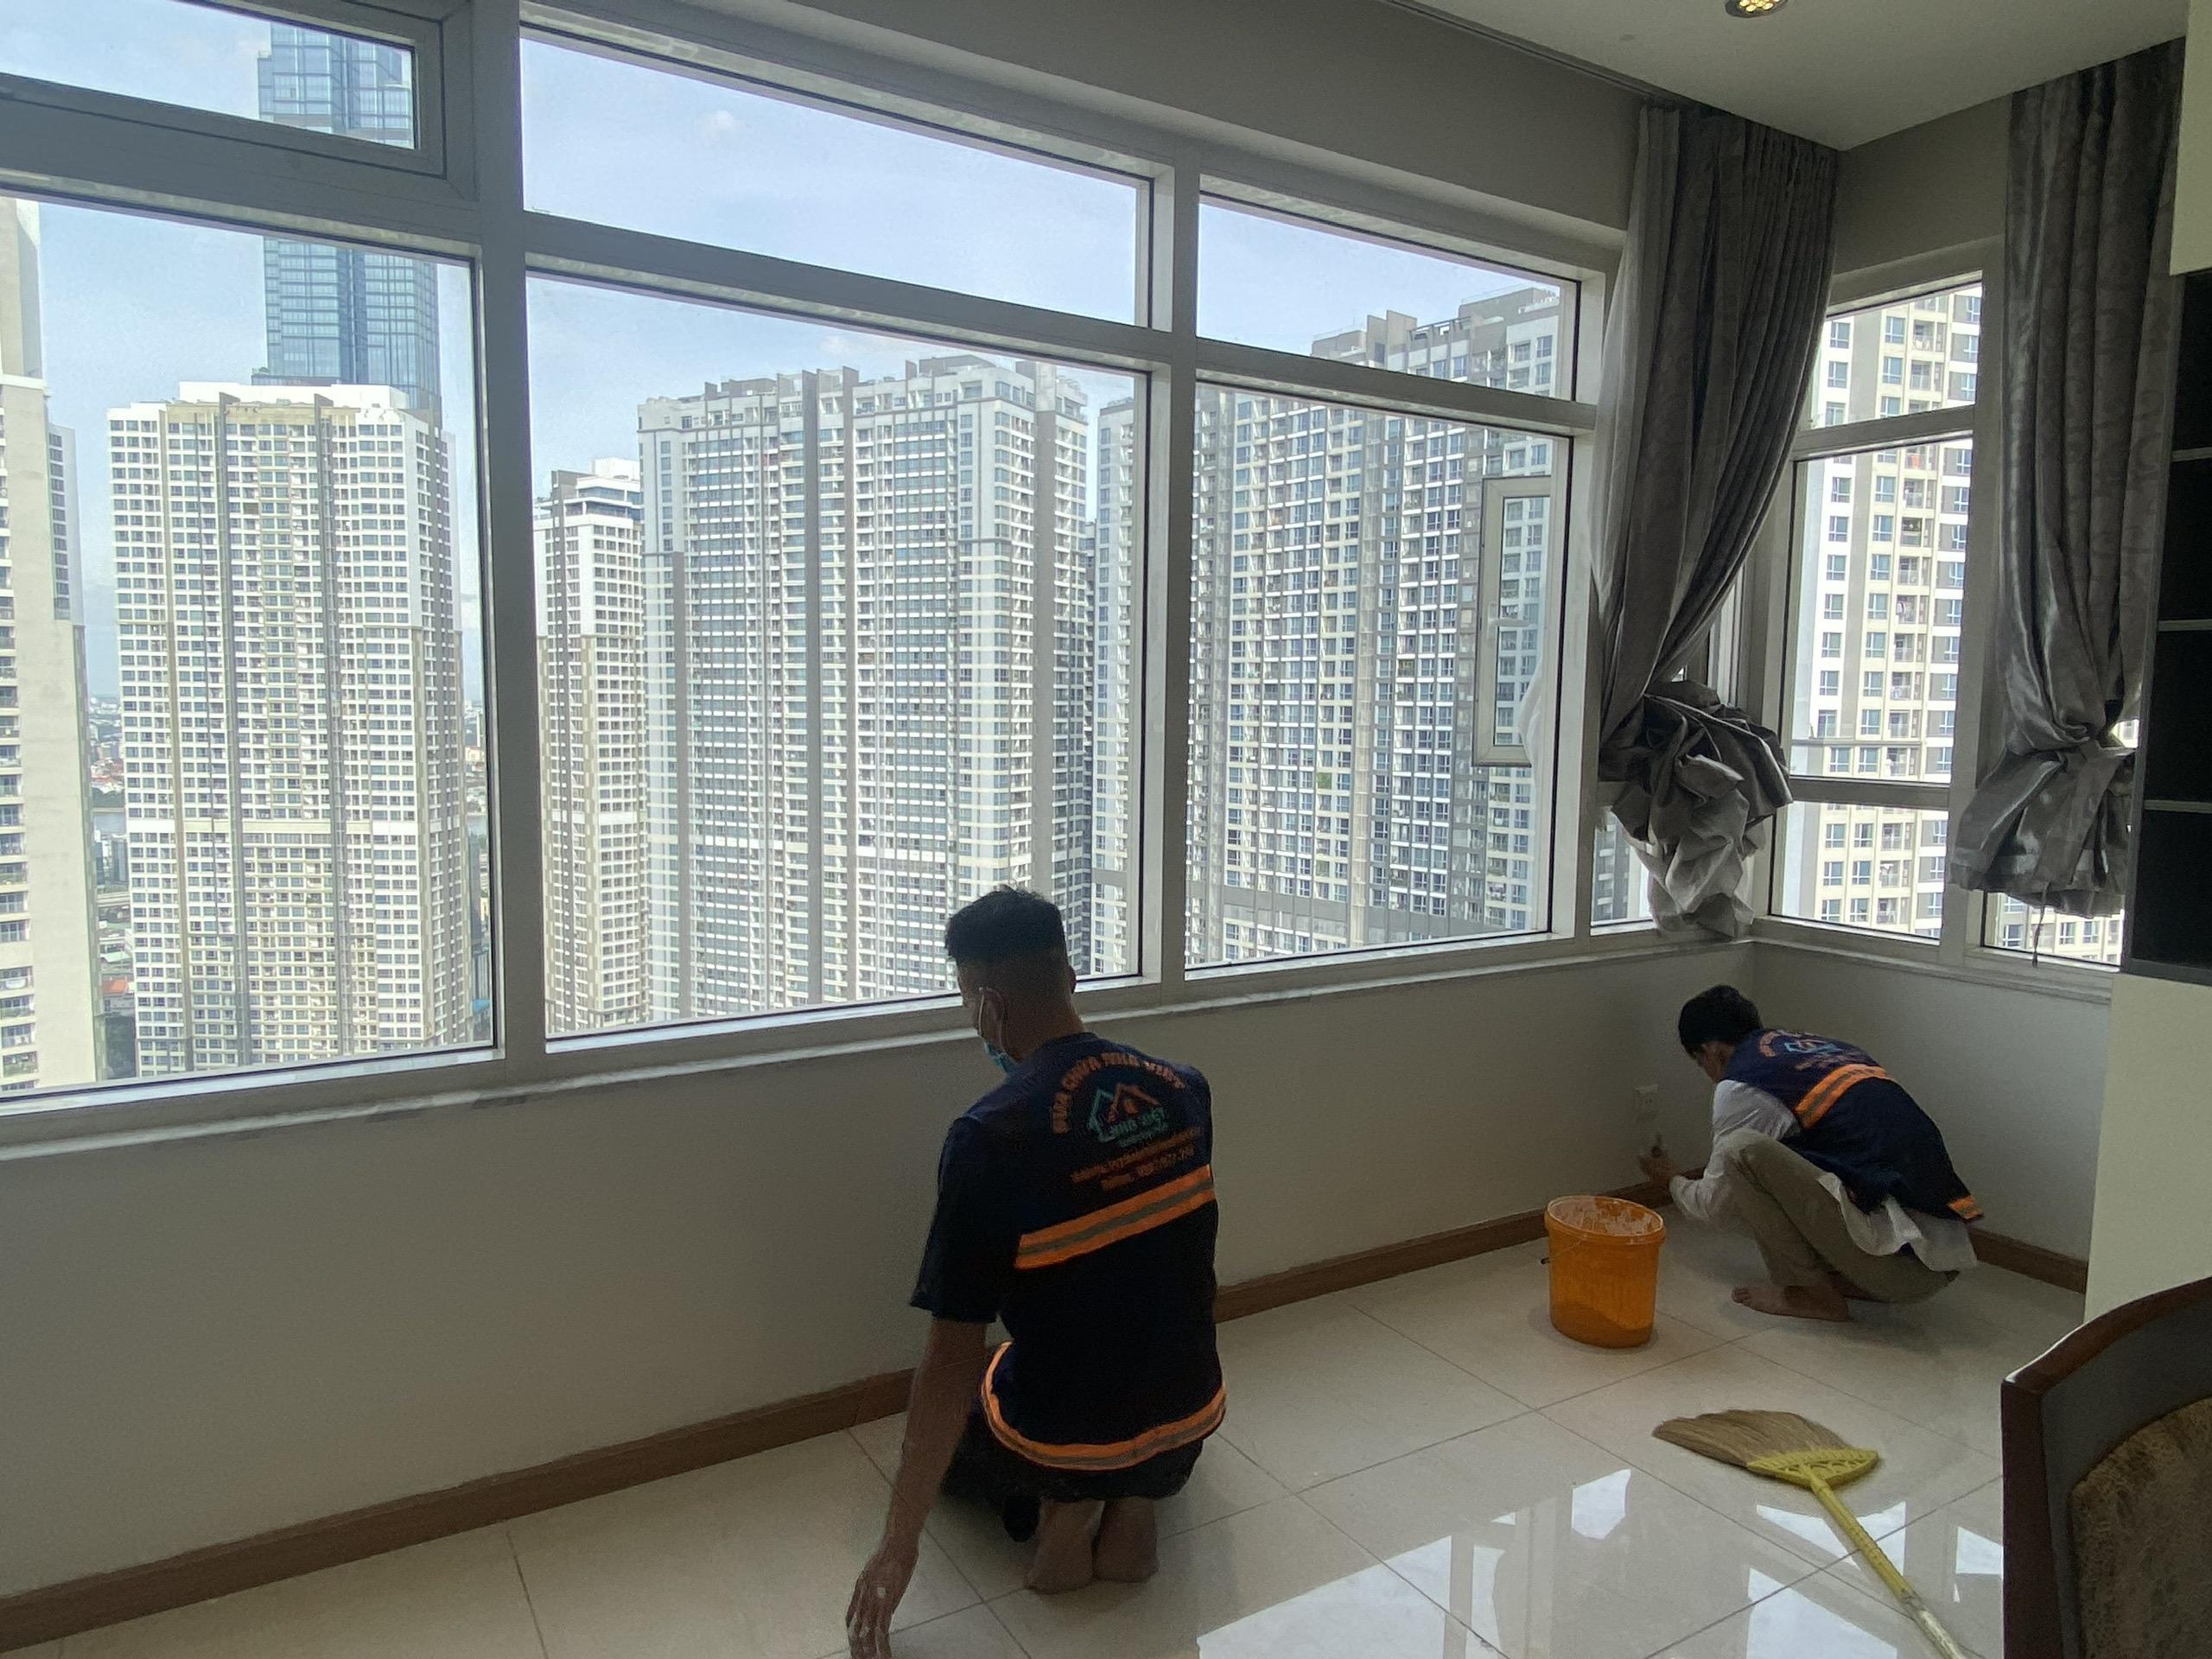 thi cong son nuoc gia re 5 - Thi công sơn nước giá rẻ, chất lượng, tại Tp Hồ Chí Minh